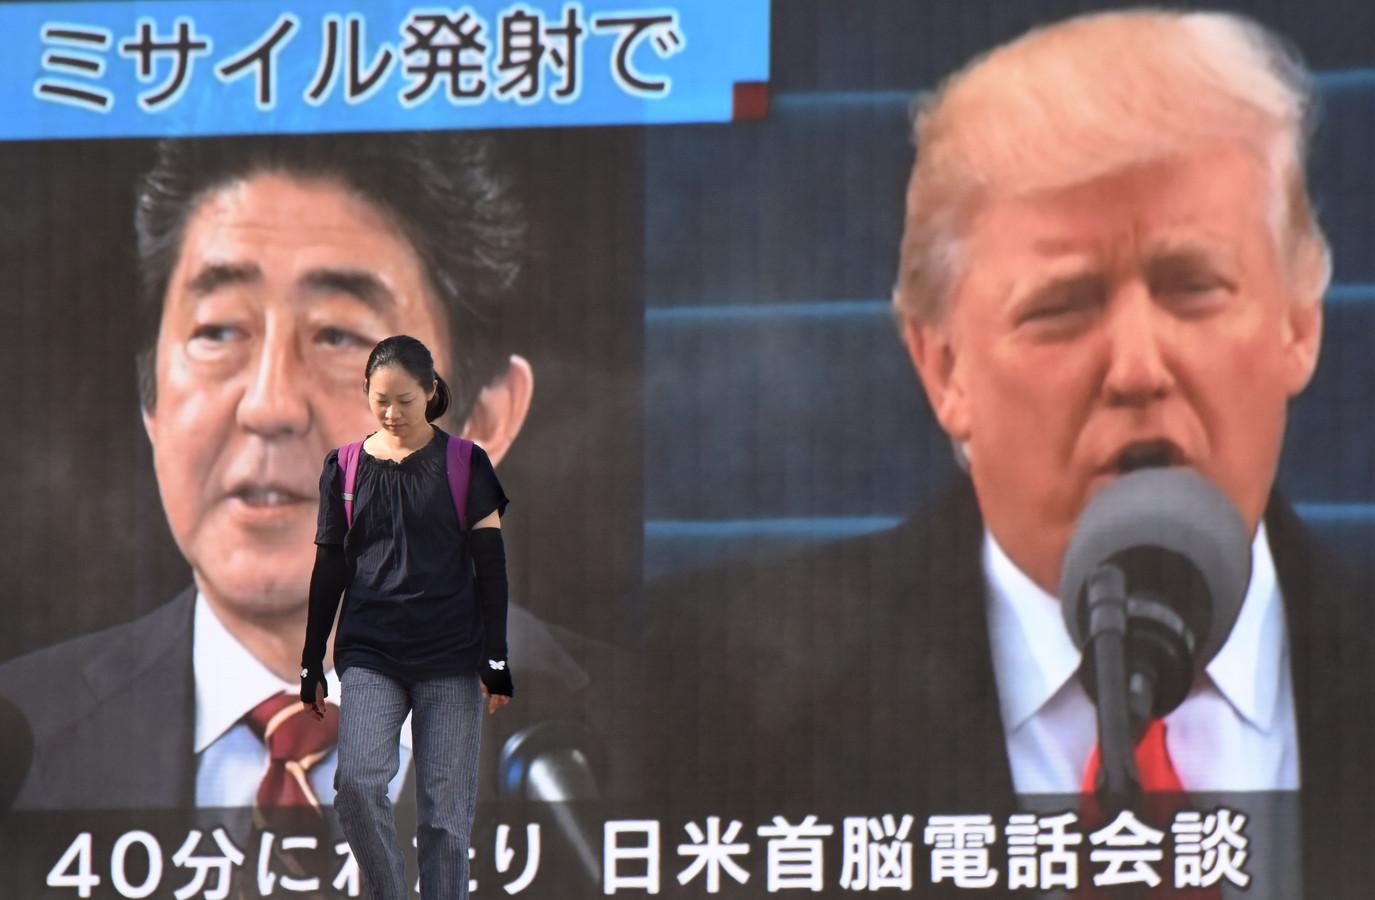 De Japanse premier Shinzo Abe en de Amerikaanse president Donald Trump op een reuzenscherm in Tokio. Japan en de VS verzochten de VN Veiligheidsraad om een spoedzitting.